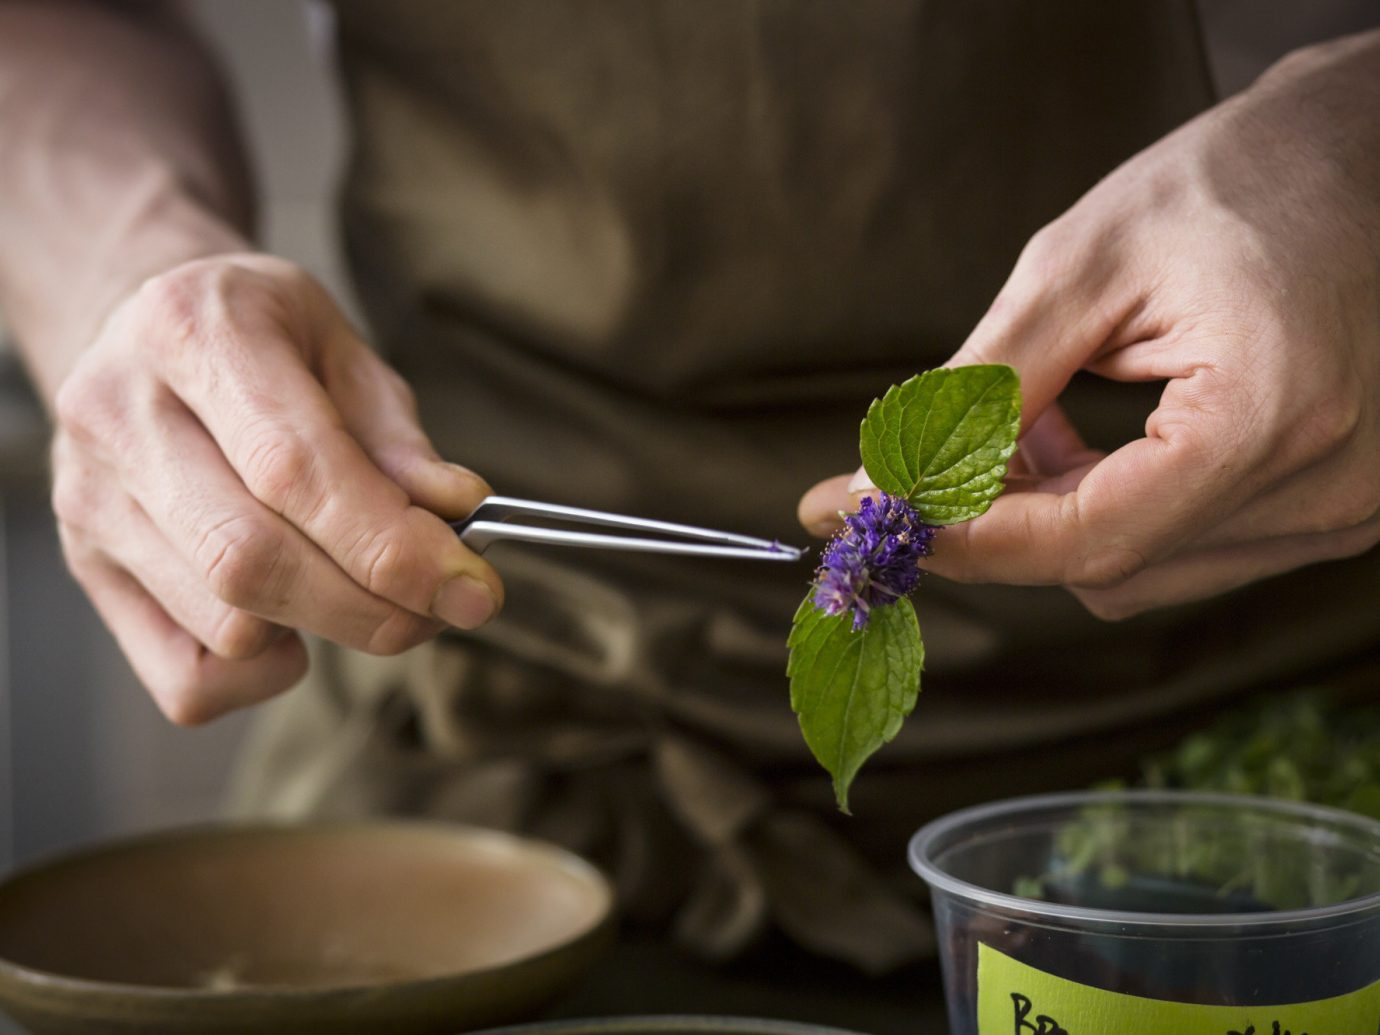 person indoor food plant produce flower hand Drink beverage sense baking preparing tableware bowl